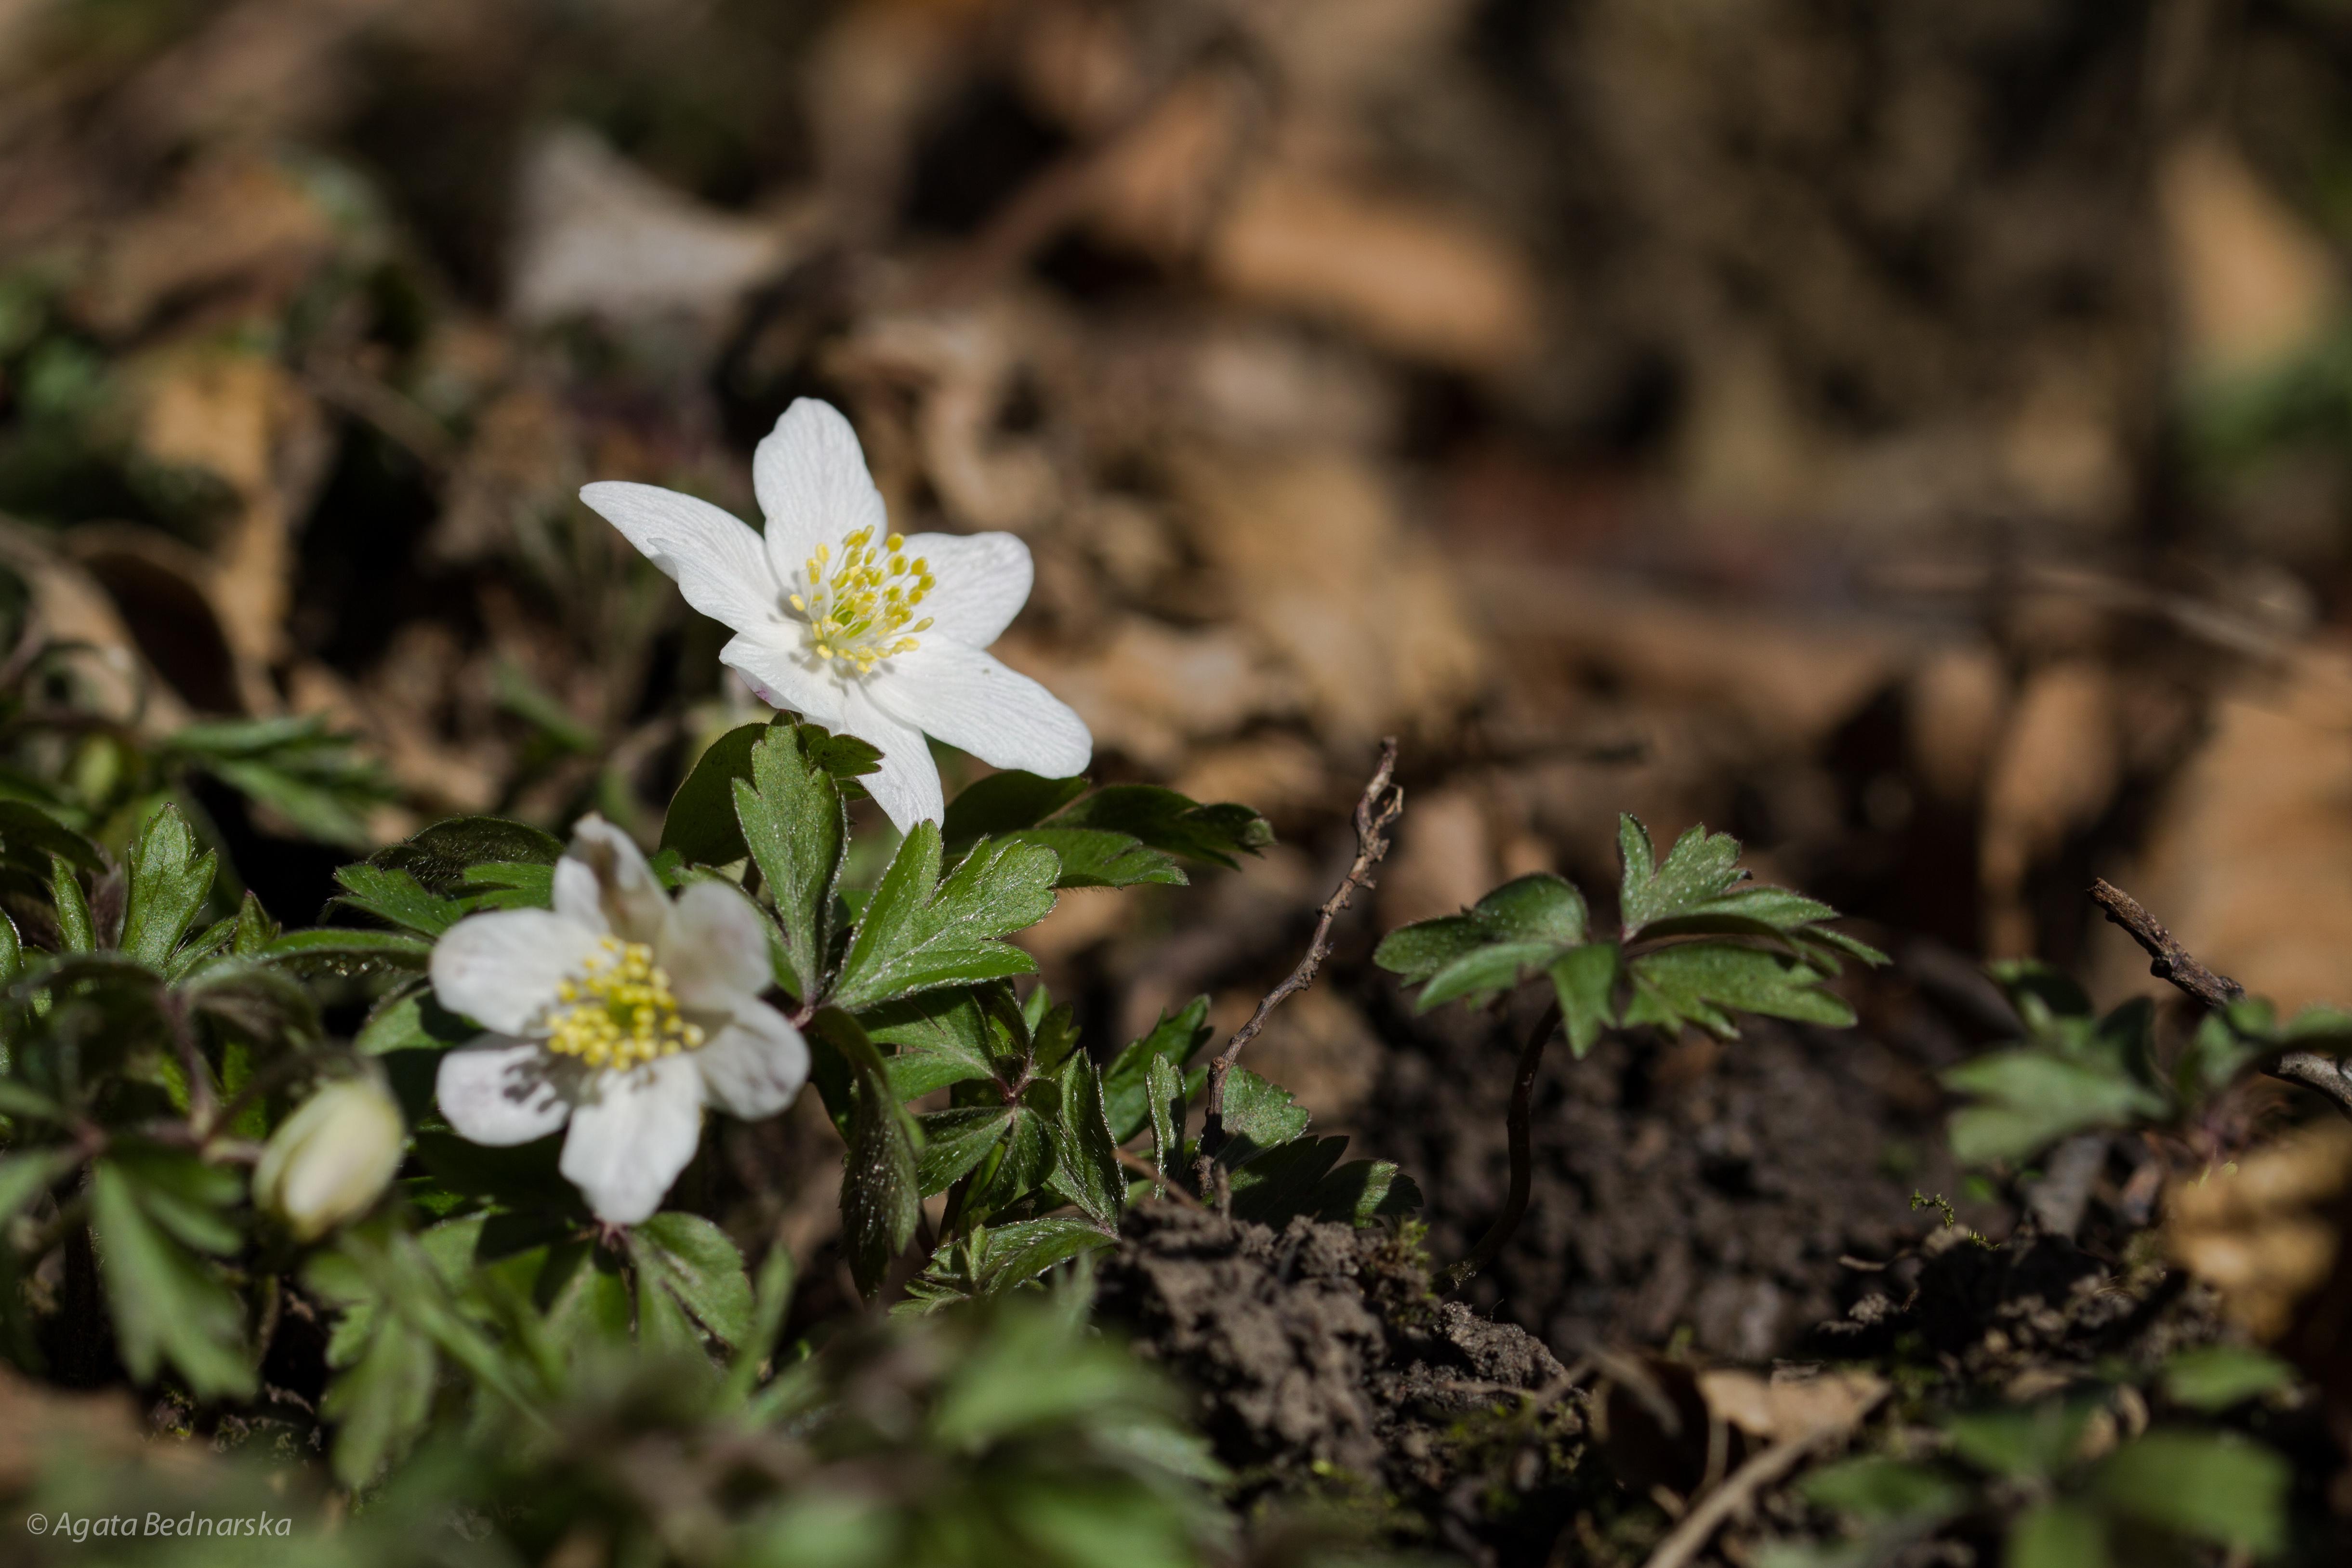 Zawilec gajowy (Anemone nemorosa L.)